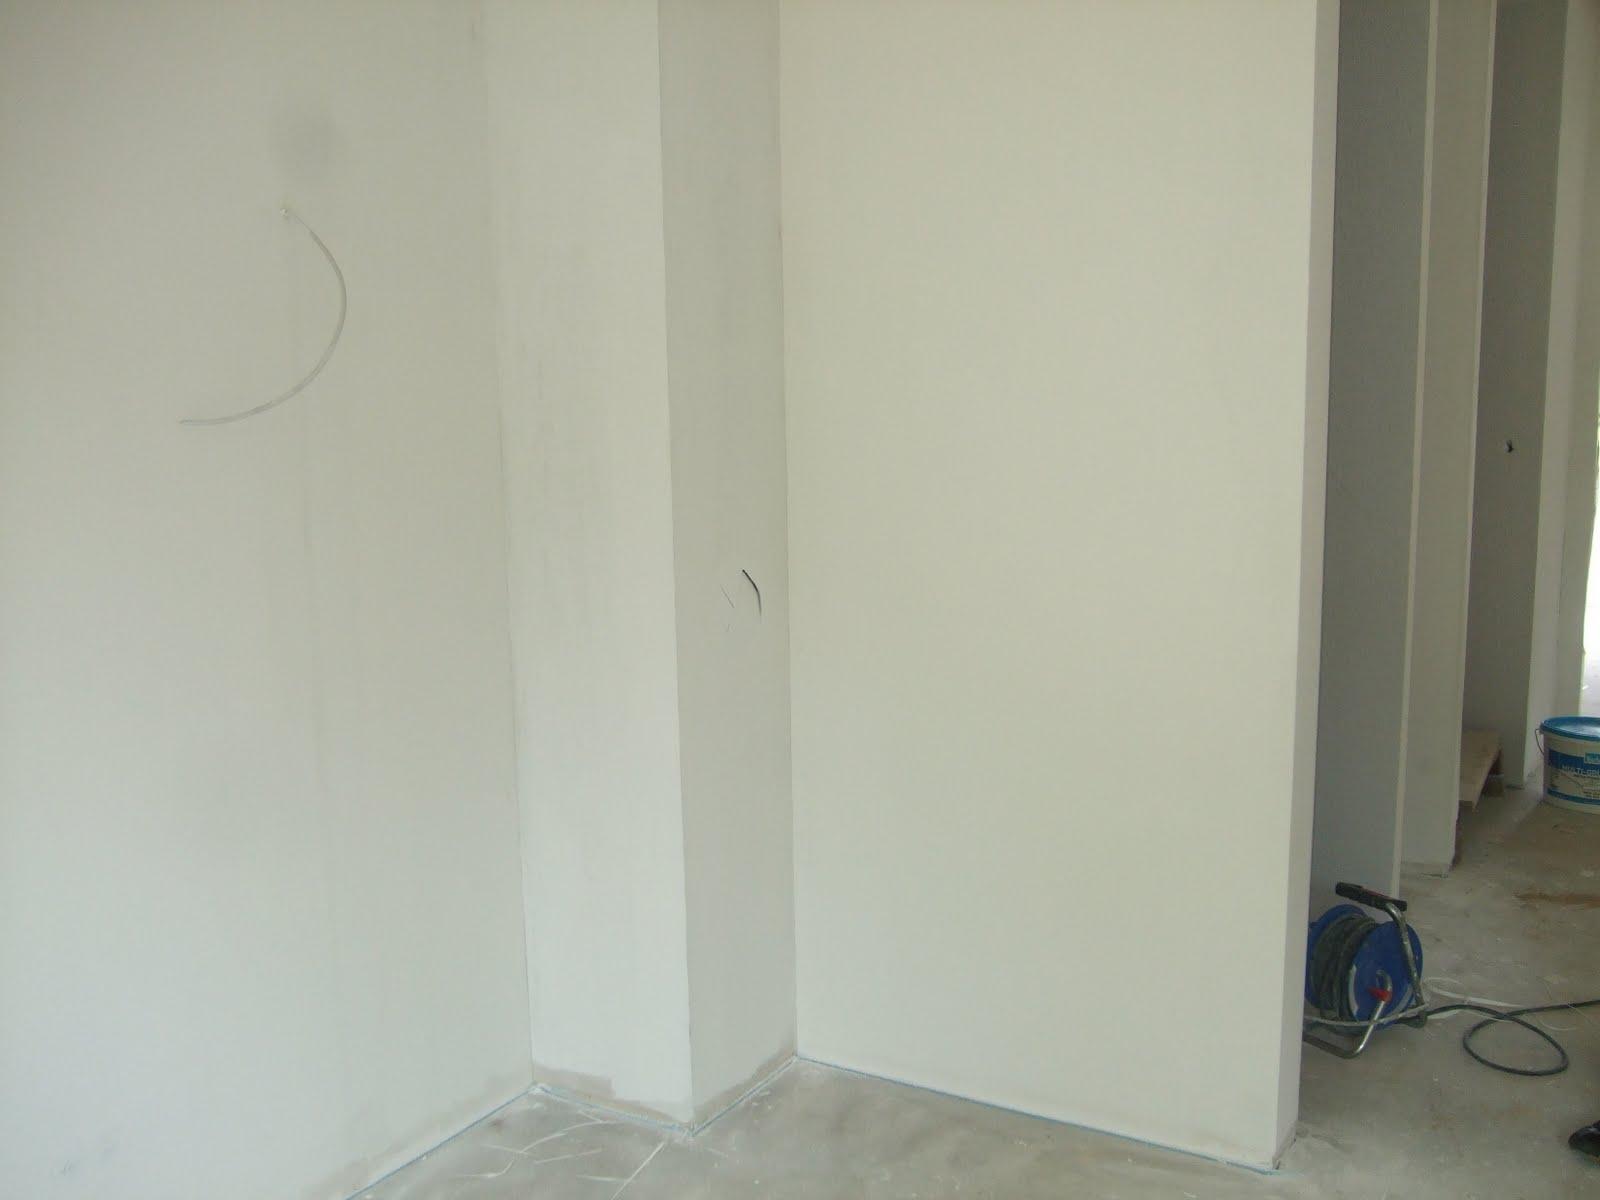 hausbau mit ncc deutschland typ tilia mai 2011. Black Bedroom Furniture Sets. Home Design Ideas